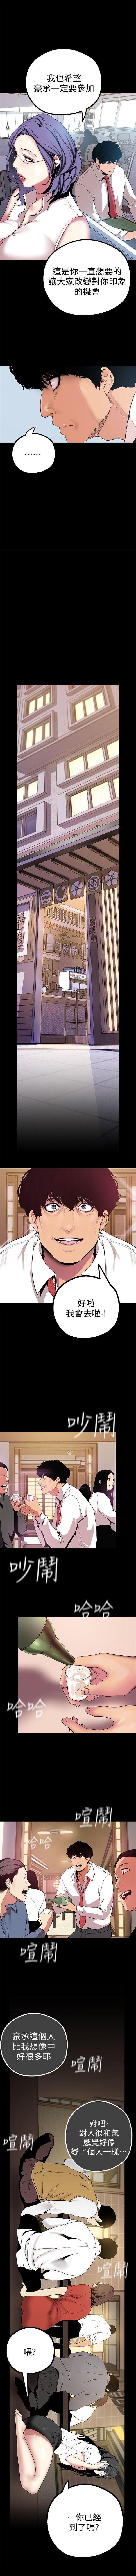 (周6)美丽新世界 1-61 中文翻译 (更新中) 182